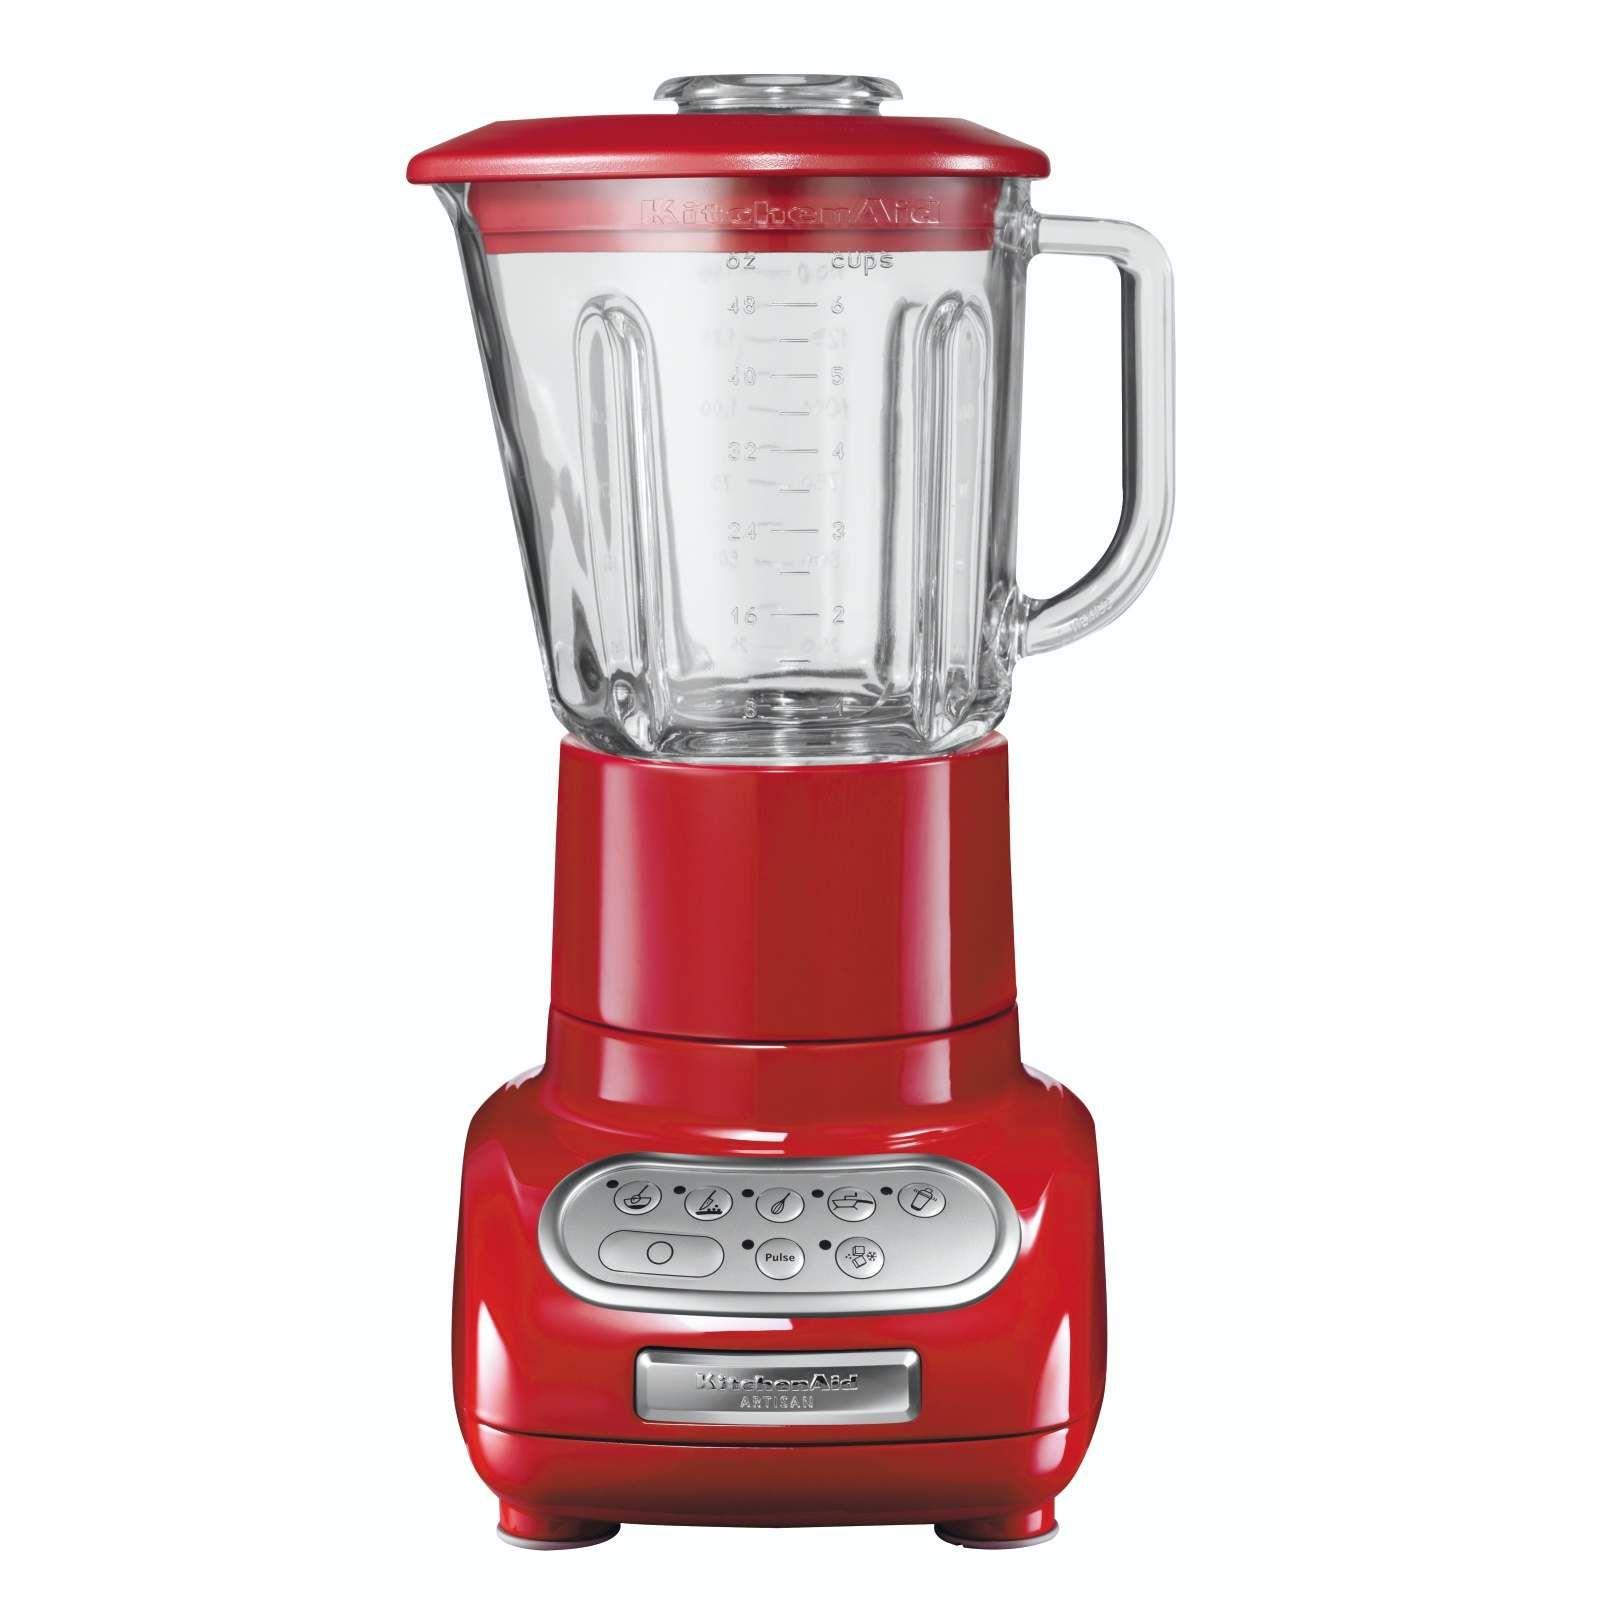 kitchenaid blender red 550 watts 1 5l capacity glass jug 5 speed